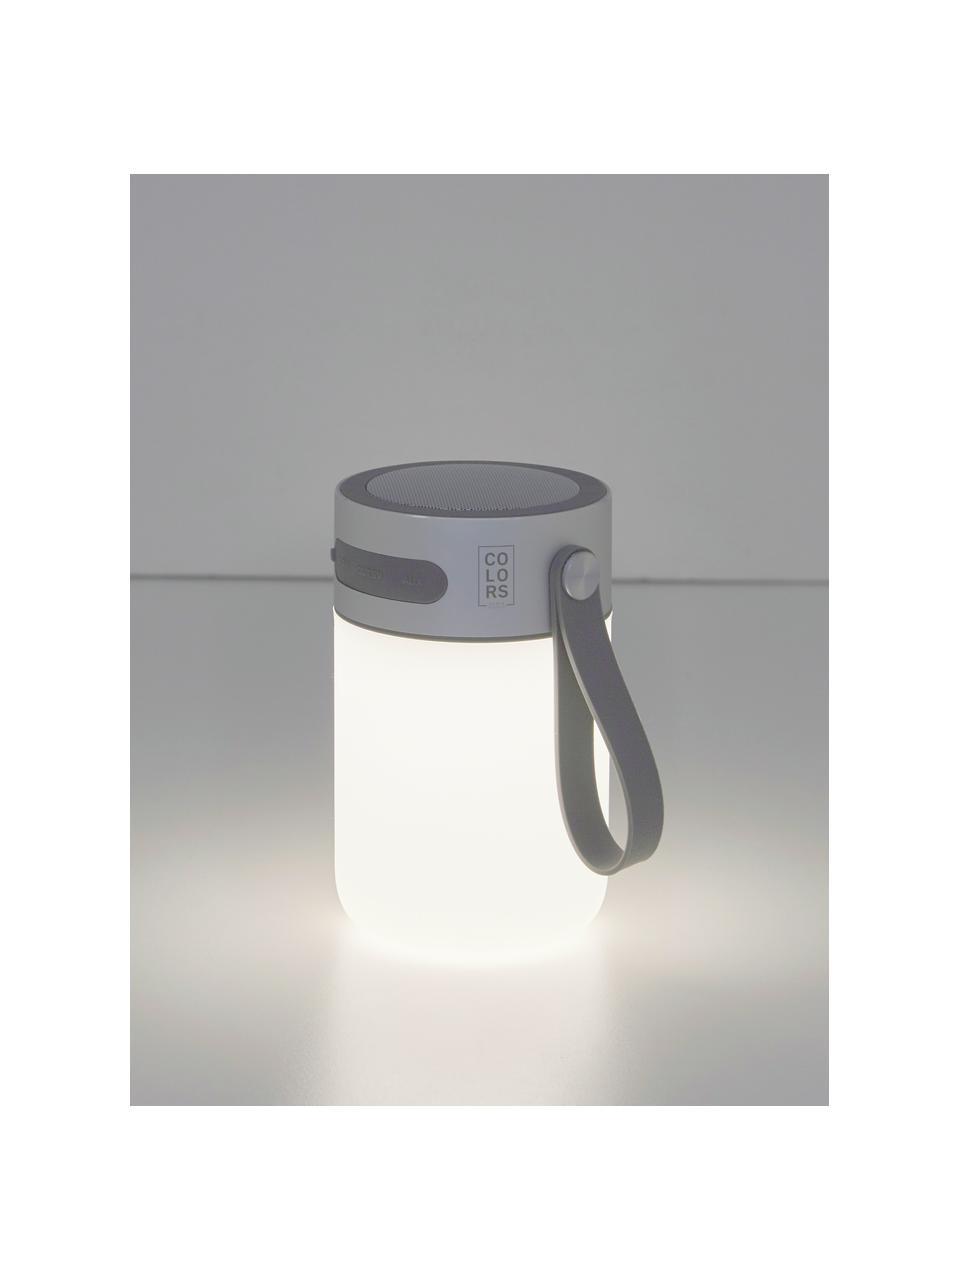 Mobile Dimmbare Tischlampe Sound Jar mit Lautsprecher, Lampenschirm: Kunststoff, Griff: Kunststoff, Silberfarben, Weiß, Ø 9 x H 14 cm